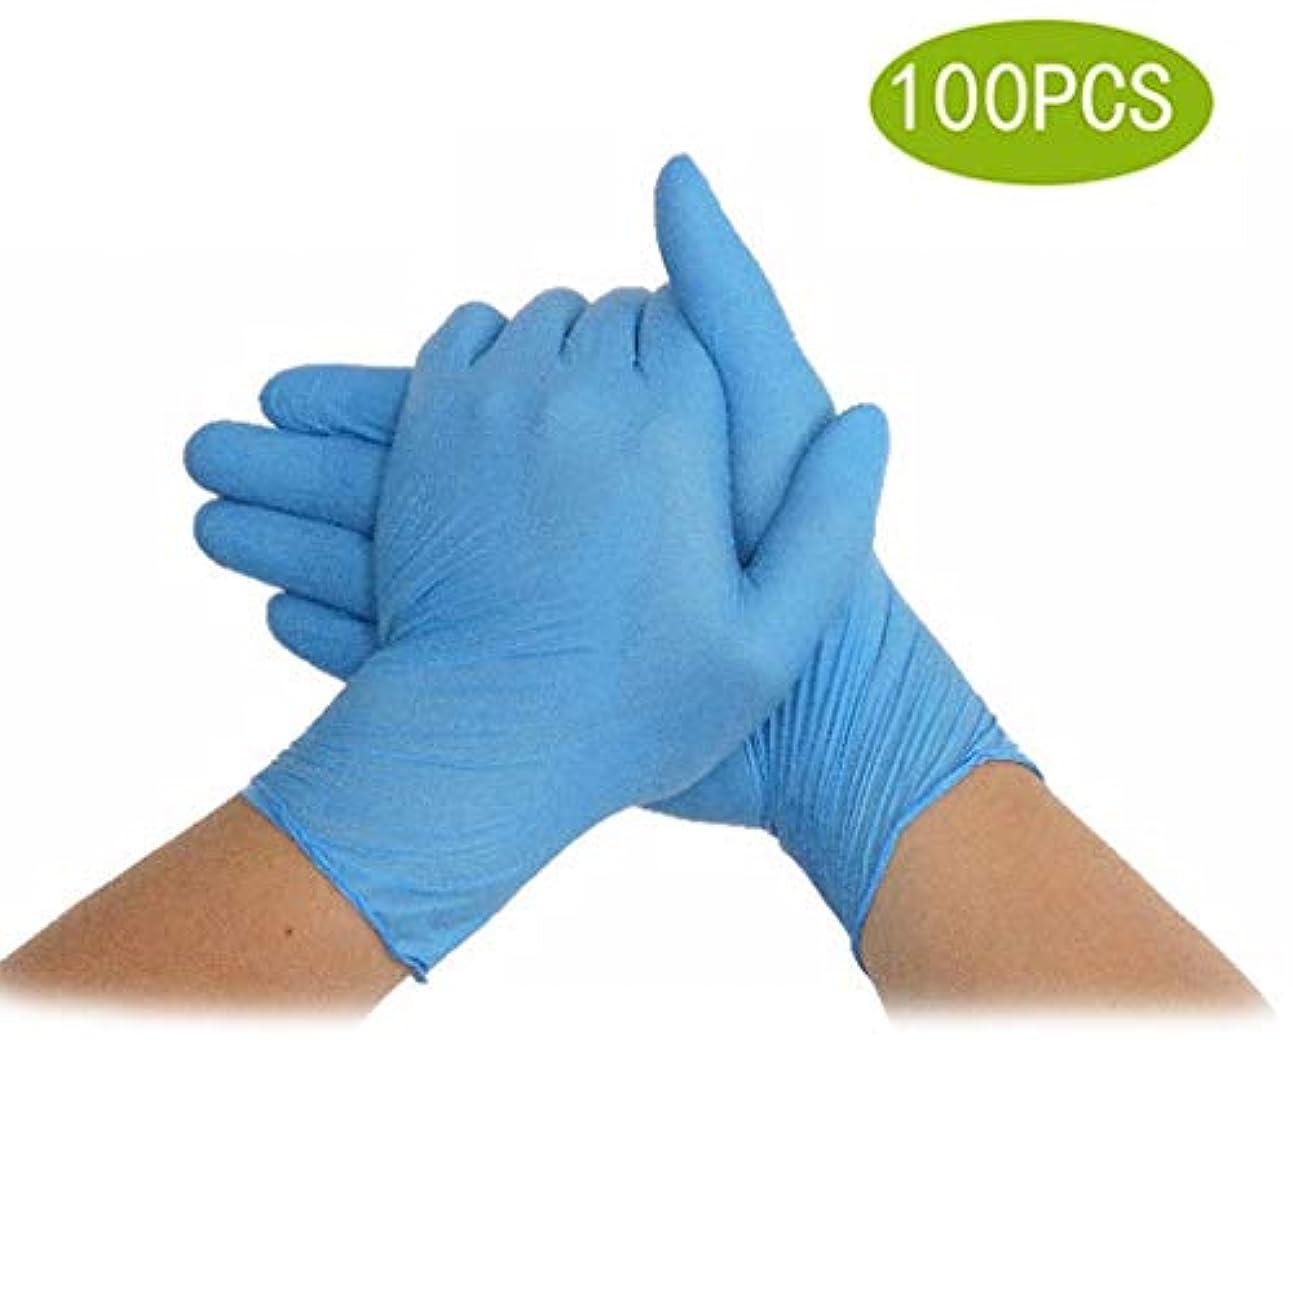 対人鳥添加剤9インチ使い捨て手袋軽量安全フィットニトリル手袋ミディアムパウダーフリーラテックスフリーライト作業クリーニング園芸医療用グレードタトゥーメディカル試験用手袋100倍 (Size : S)